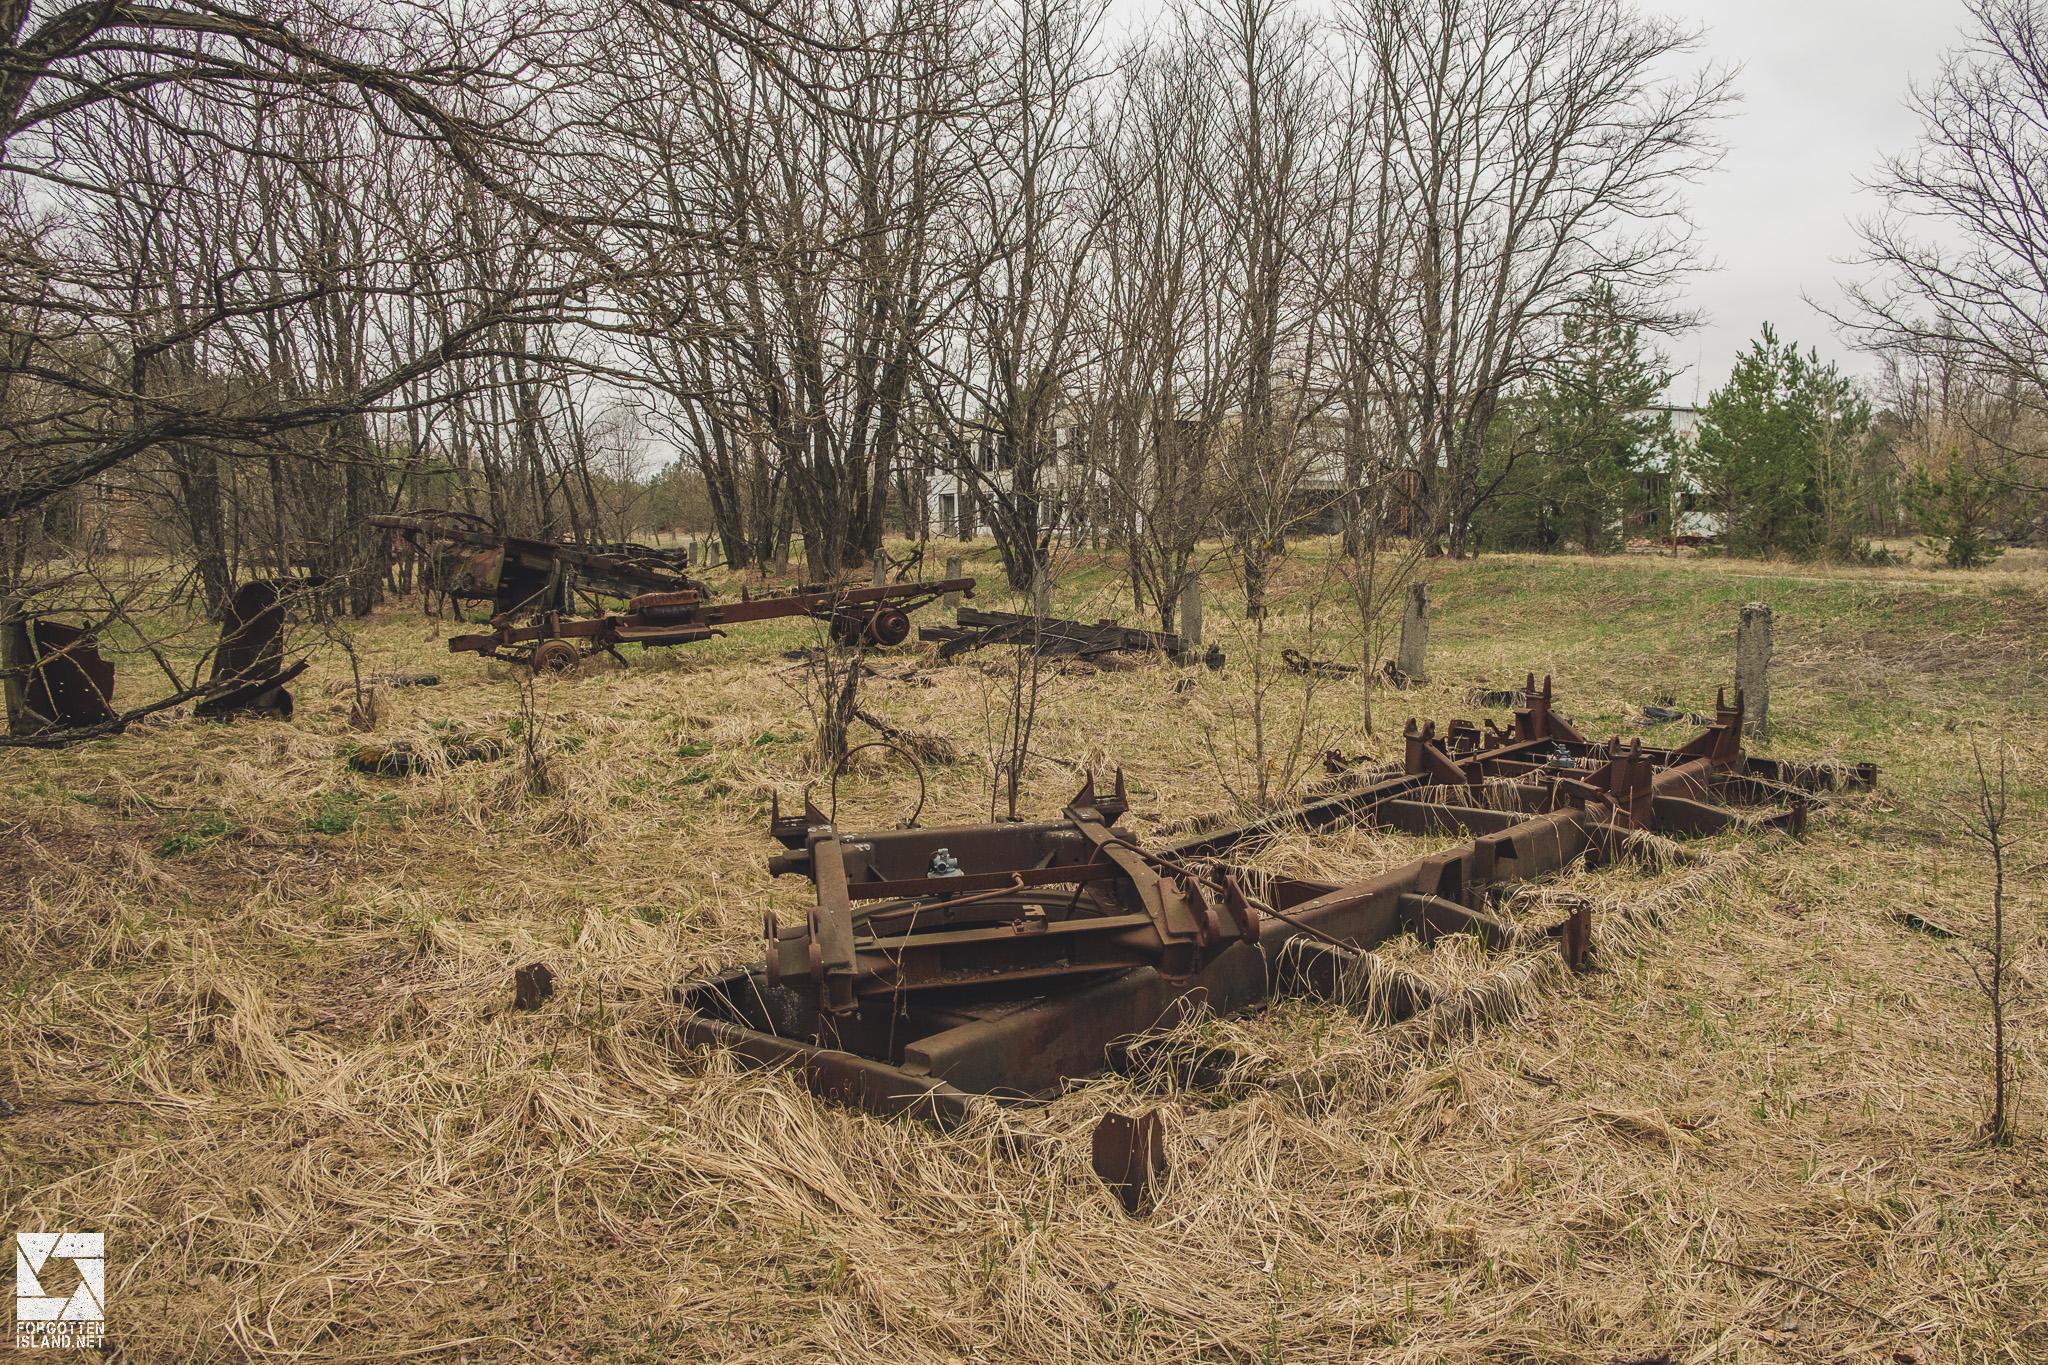 Zymovyshche Kolkhoz Farm